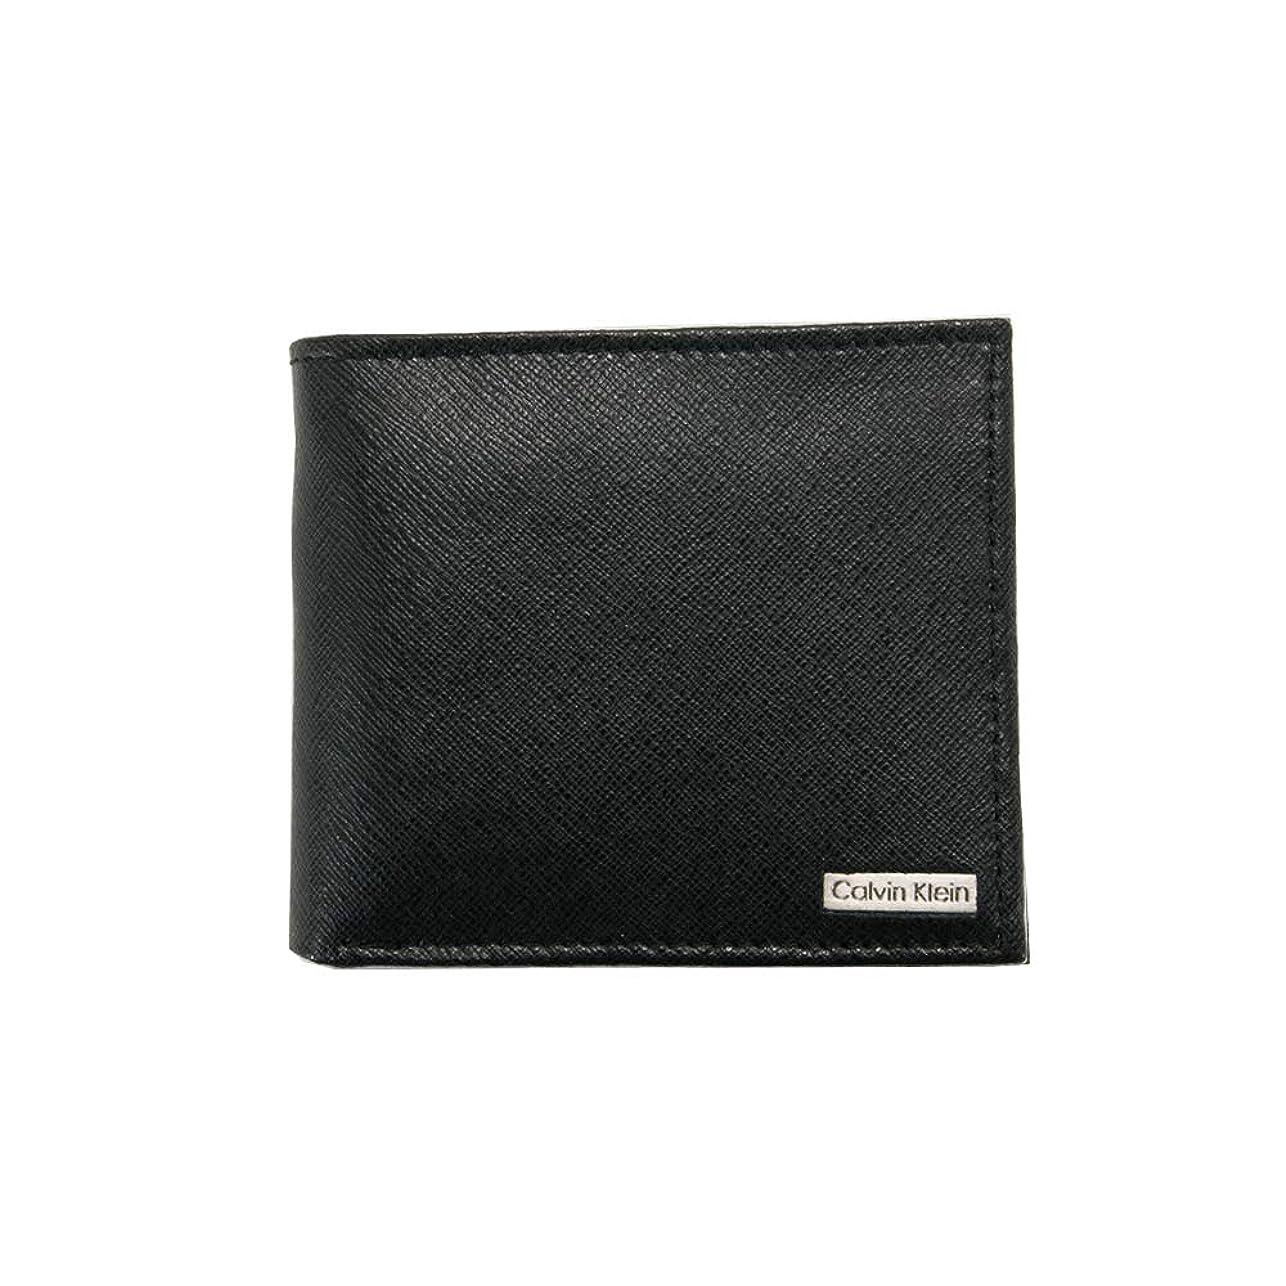 高音免疫母音カルバンクライン Calvin Klein CK 財布 二つ折り財布 メンズ レザー ロゴプレート ブラック(黒) 79393